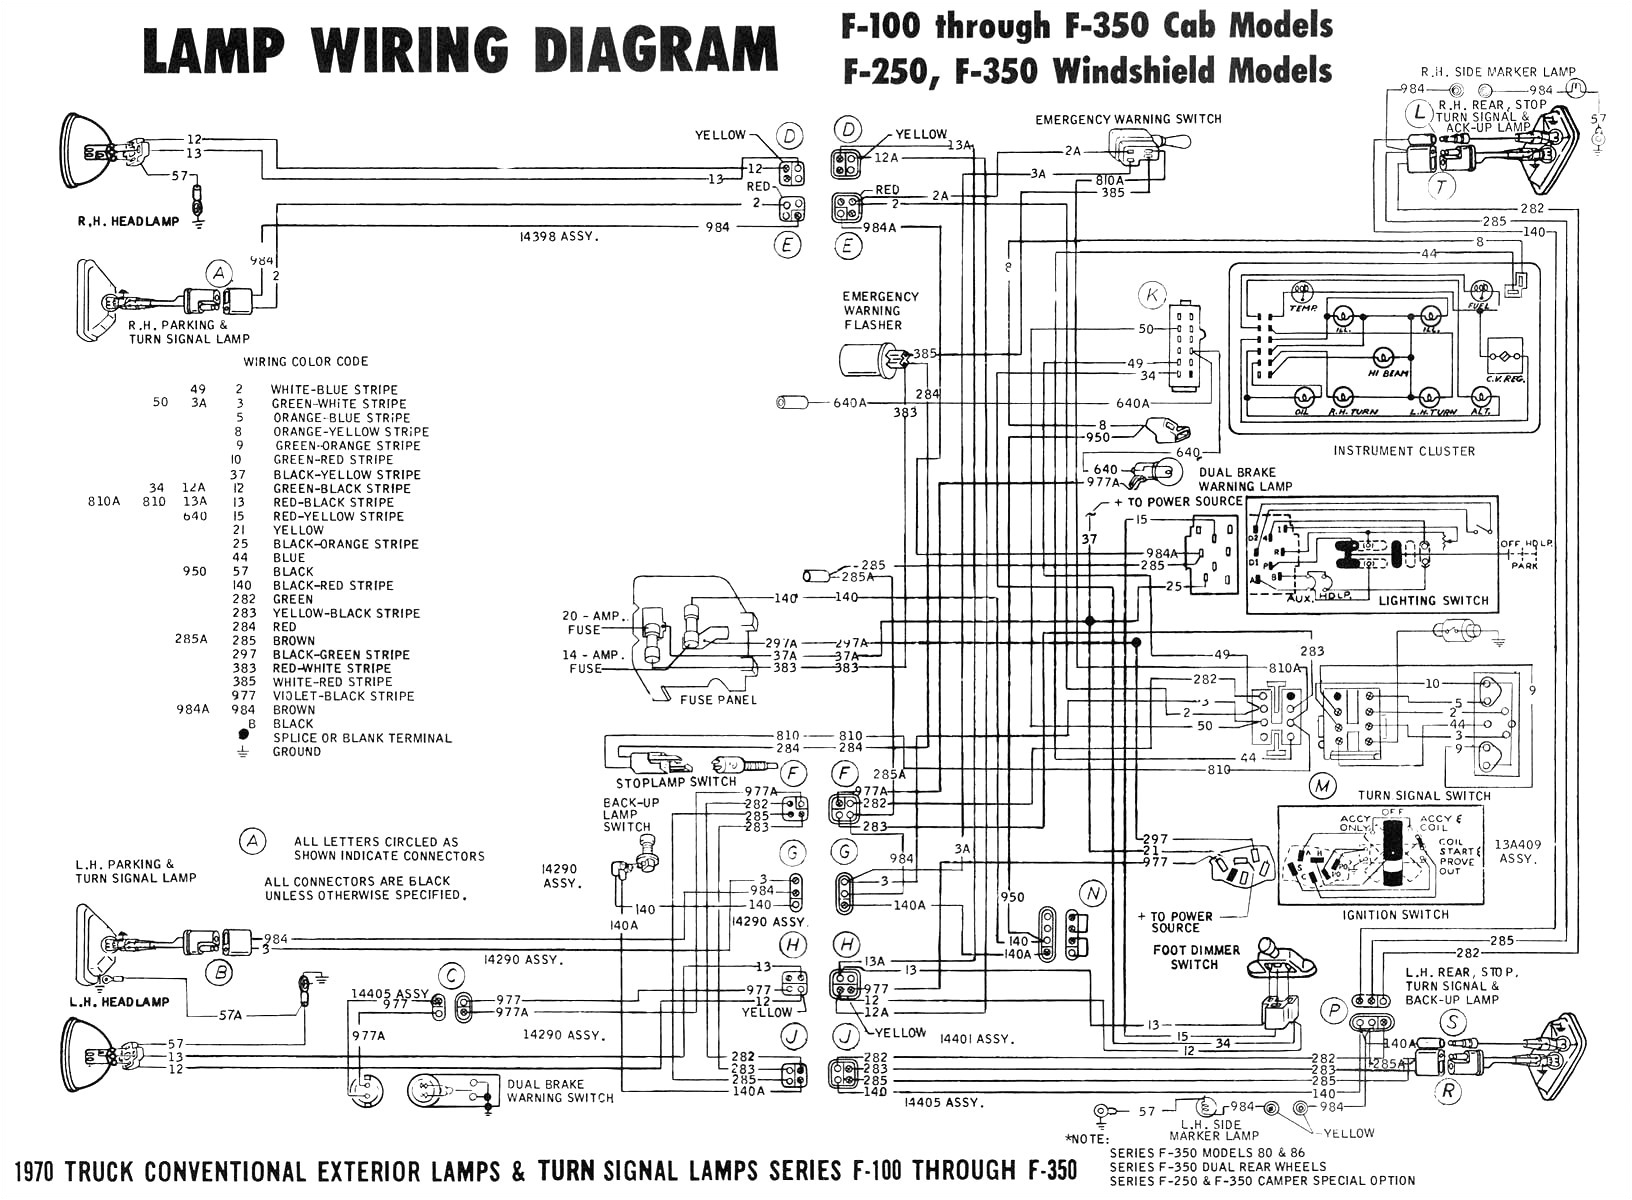 2005 thunderbird wiring diagram wiring diagram split 2005 ford thunderbird engine diagram wiring diagrams long 2005